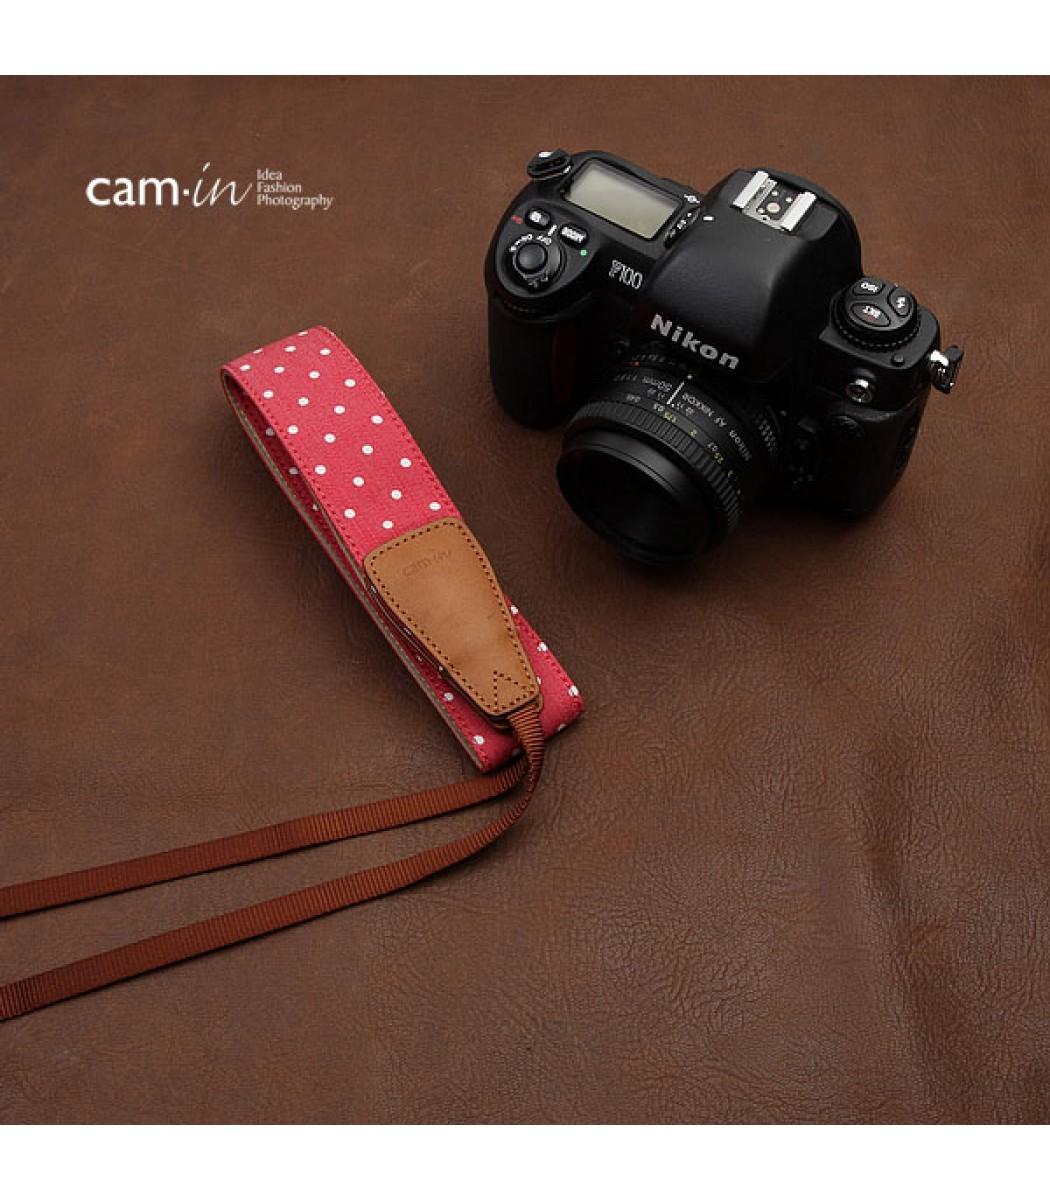 Denim Polka Dot DSLR Camera Strap by Cam-in - Red